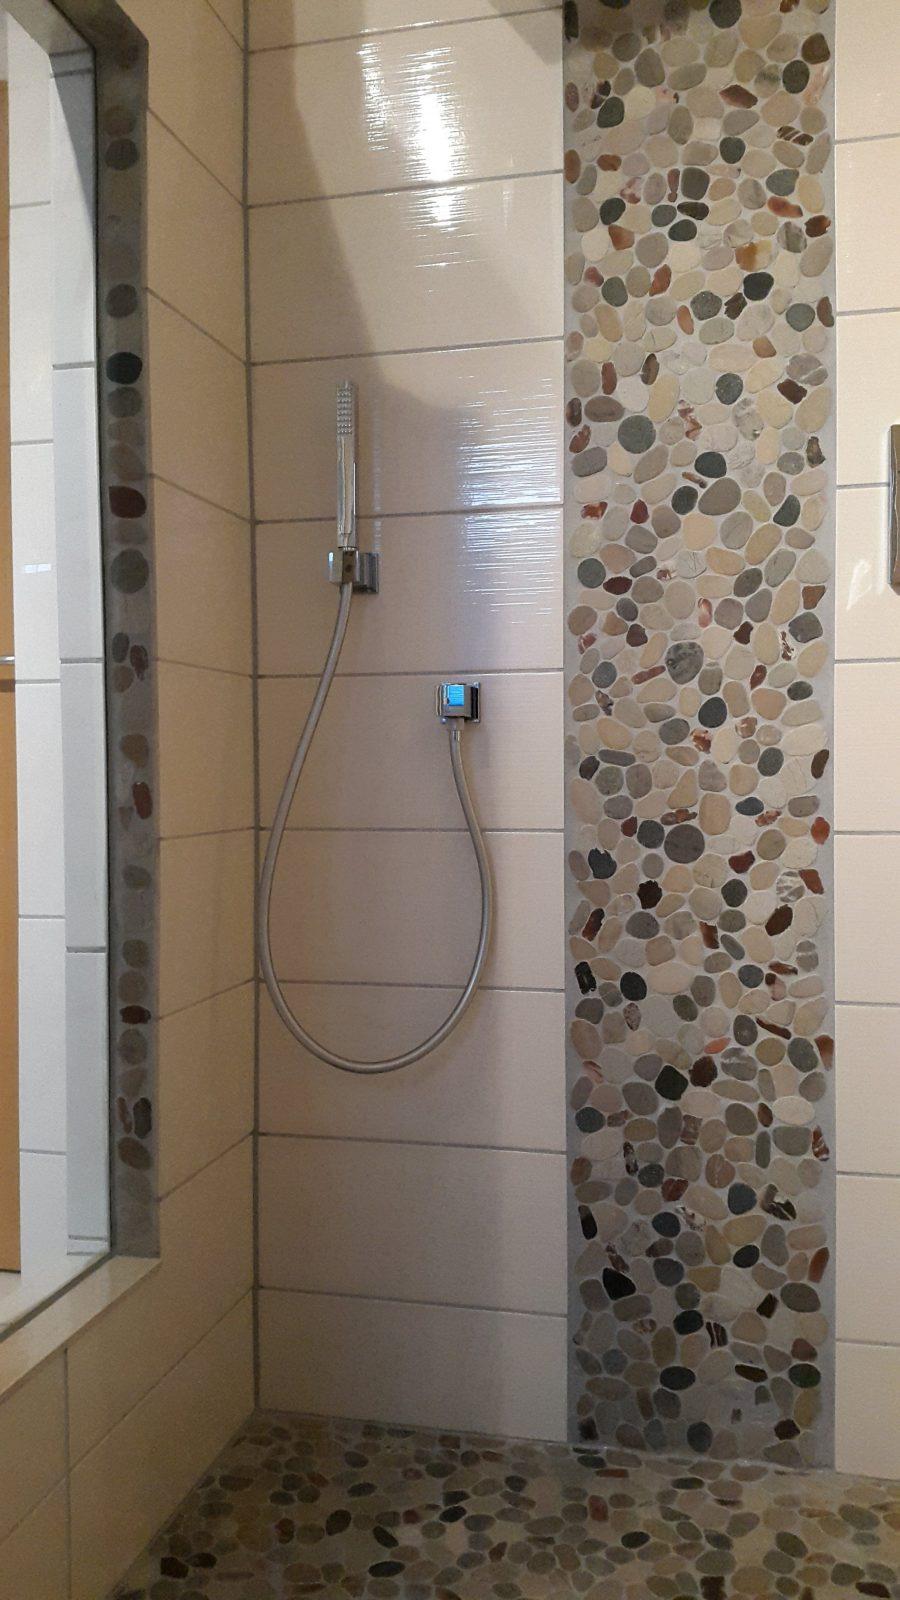 Mosaik Fliesen Dusche Boden Jc31 – Hitoiro von Mosaik Fliesen Dusche Reinigen Bild